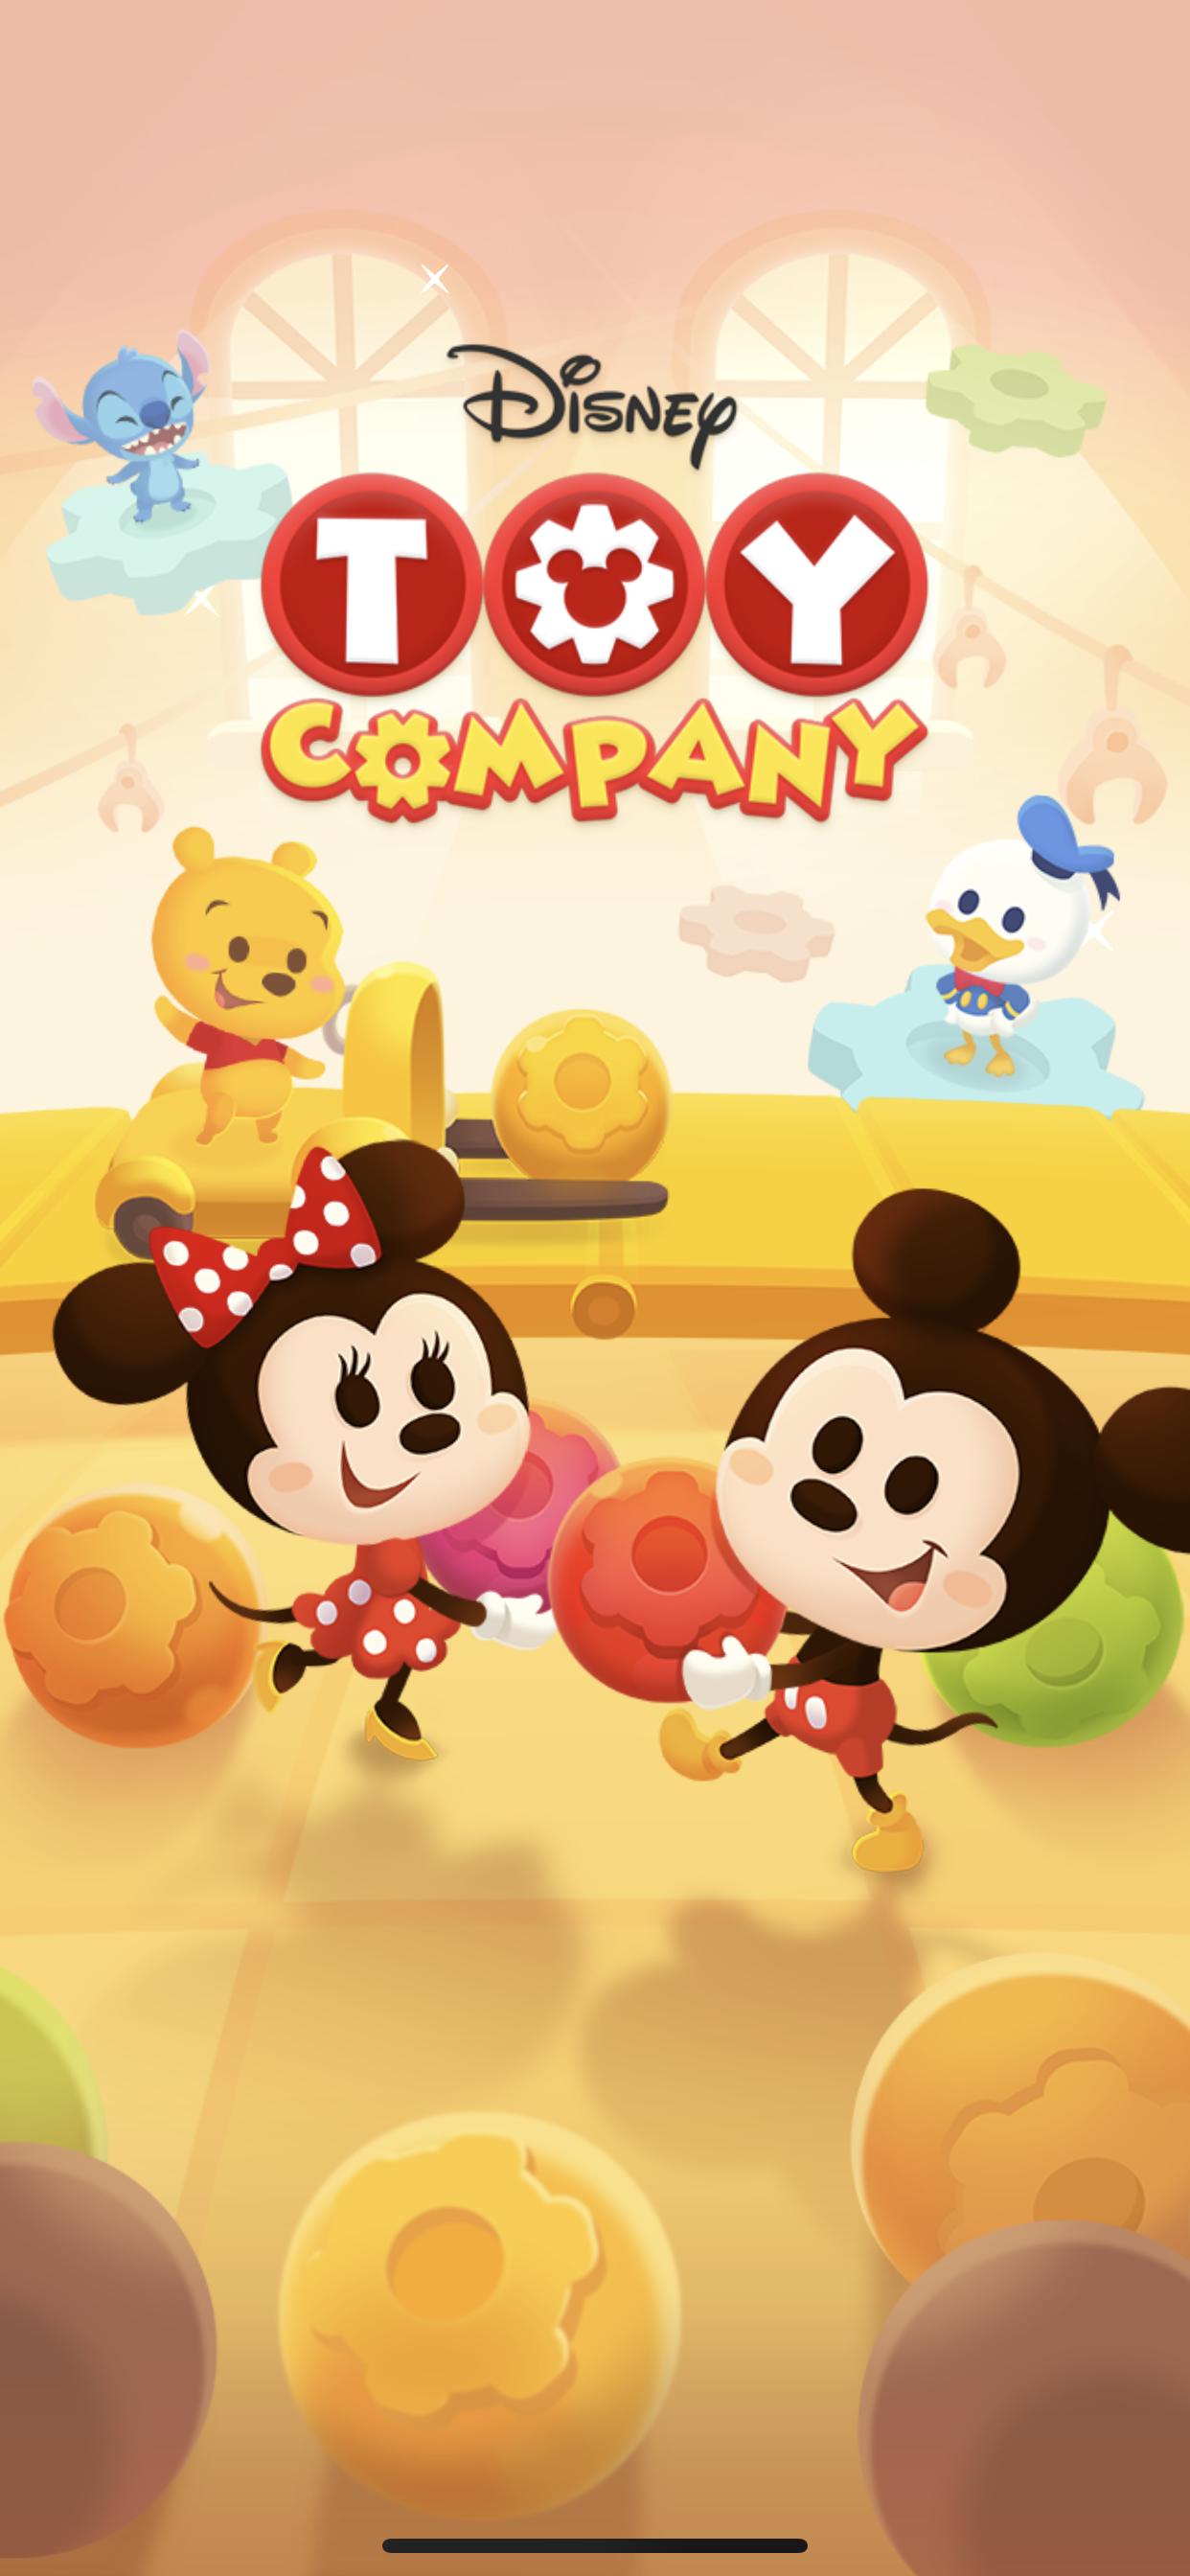 「LINE:ディズニー トイカンパニー」がいよいよリリース!カワイイ「トイ」のお手伝い、新感覚パズルゲームをレポート